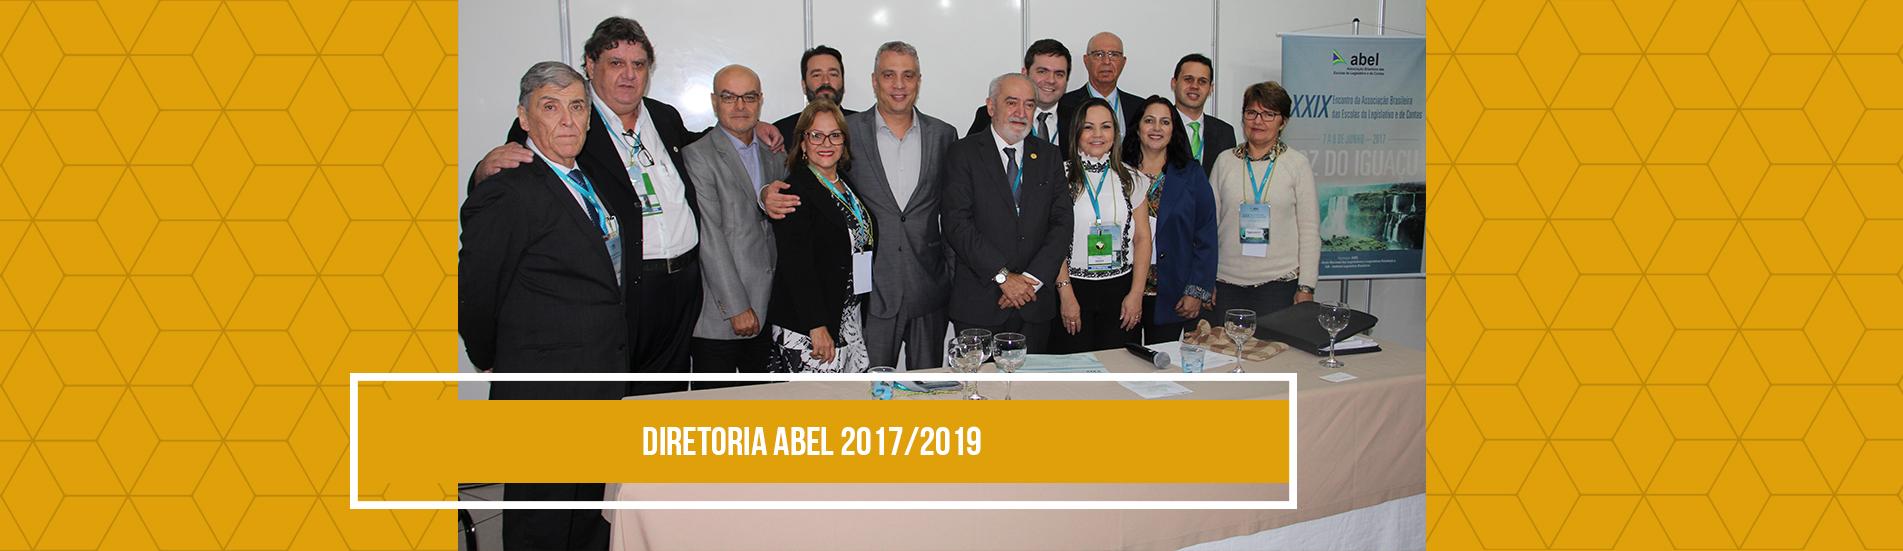 Banner_ABEL_Diretoria